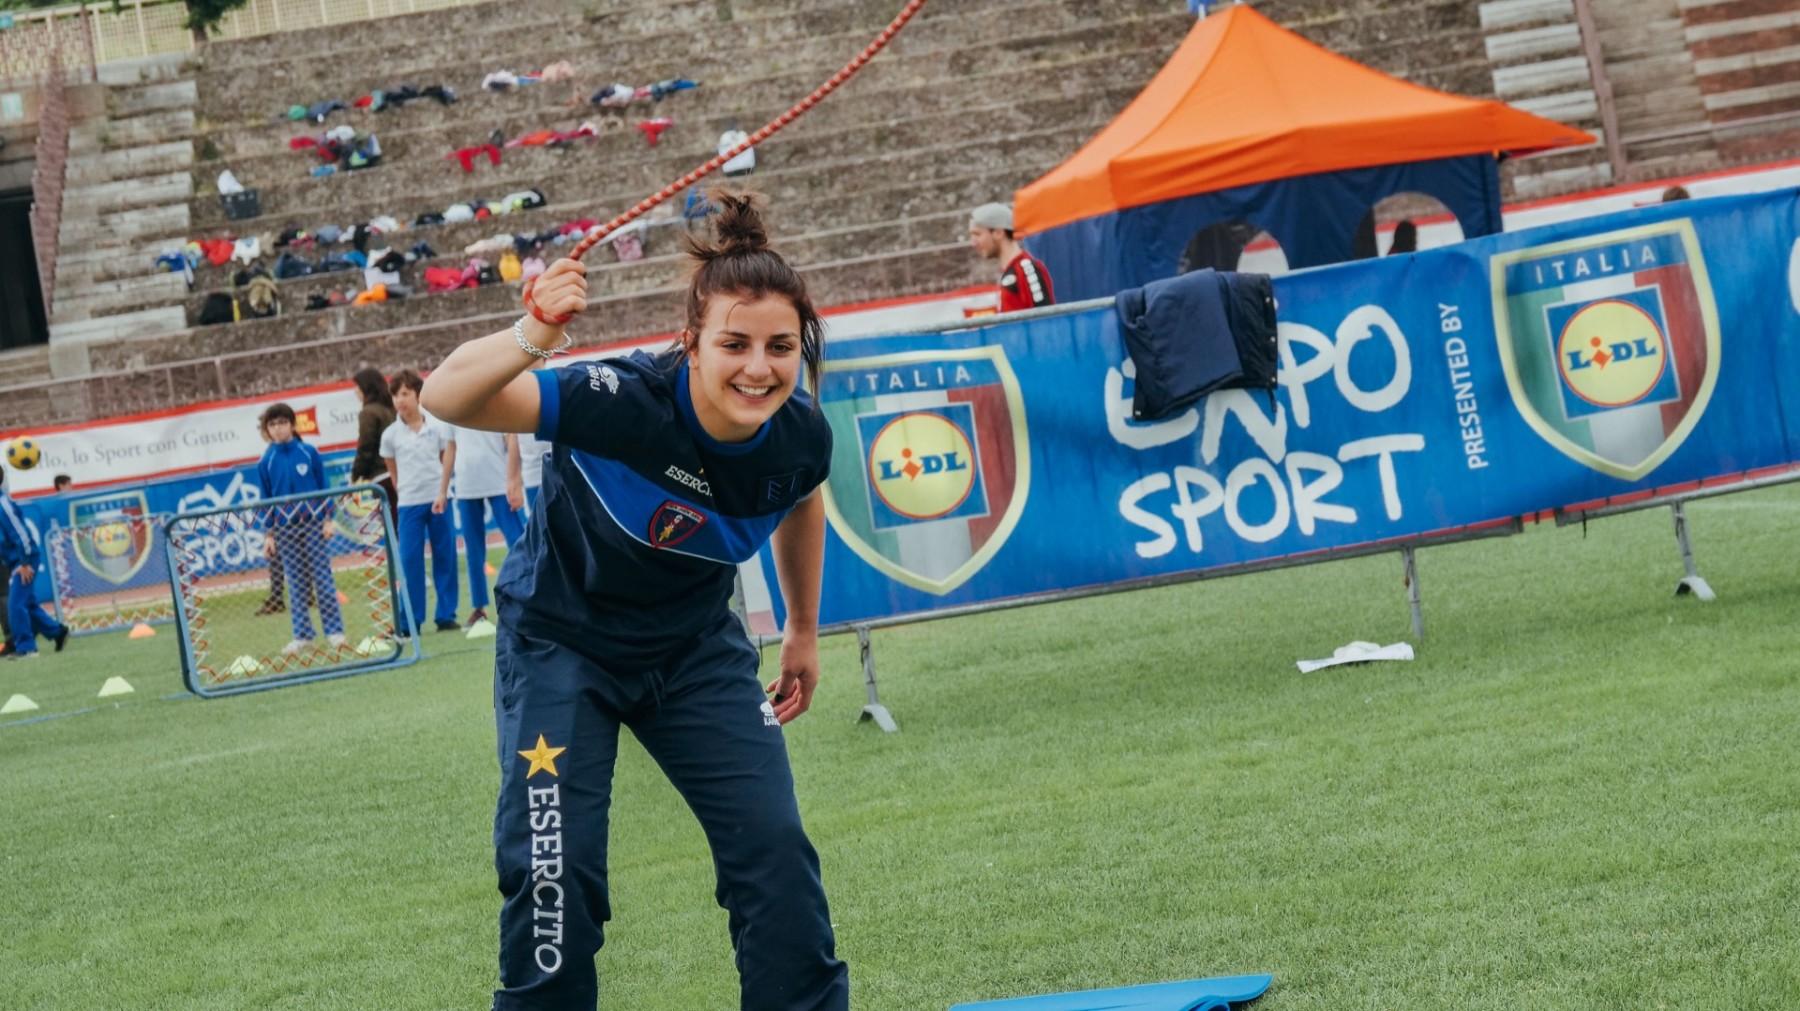 Expo-per-lo-sport-2019-168